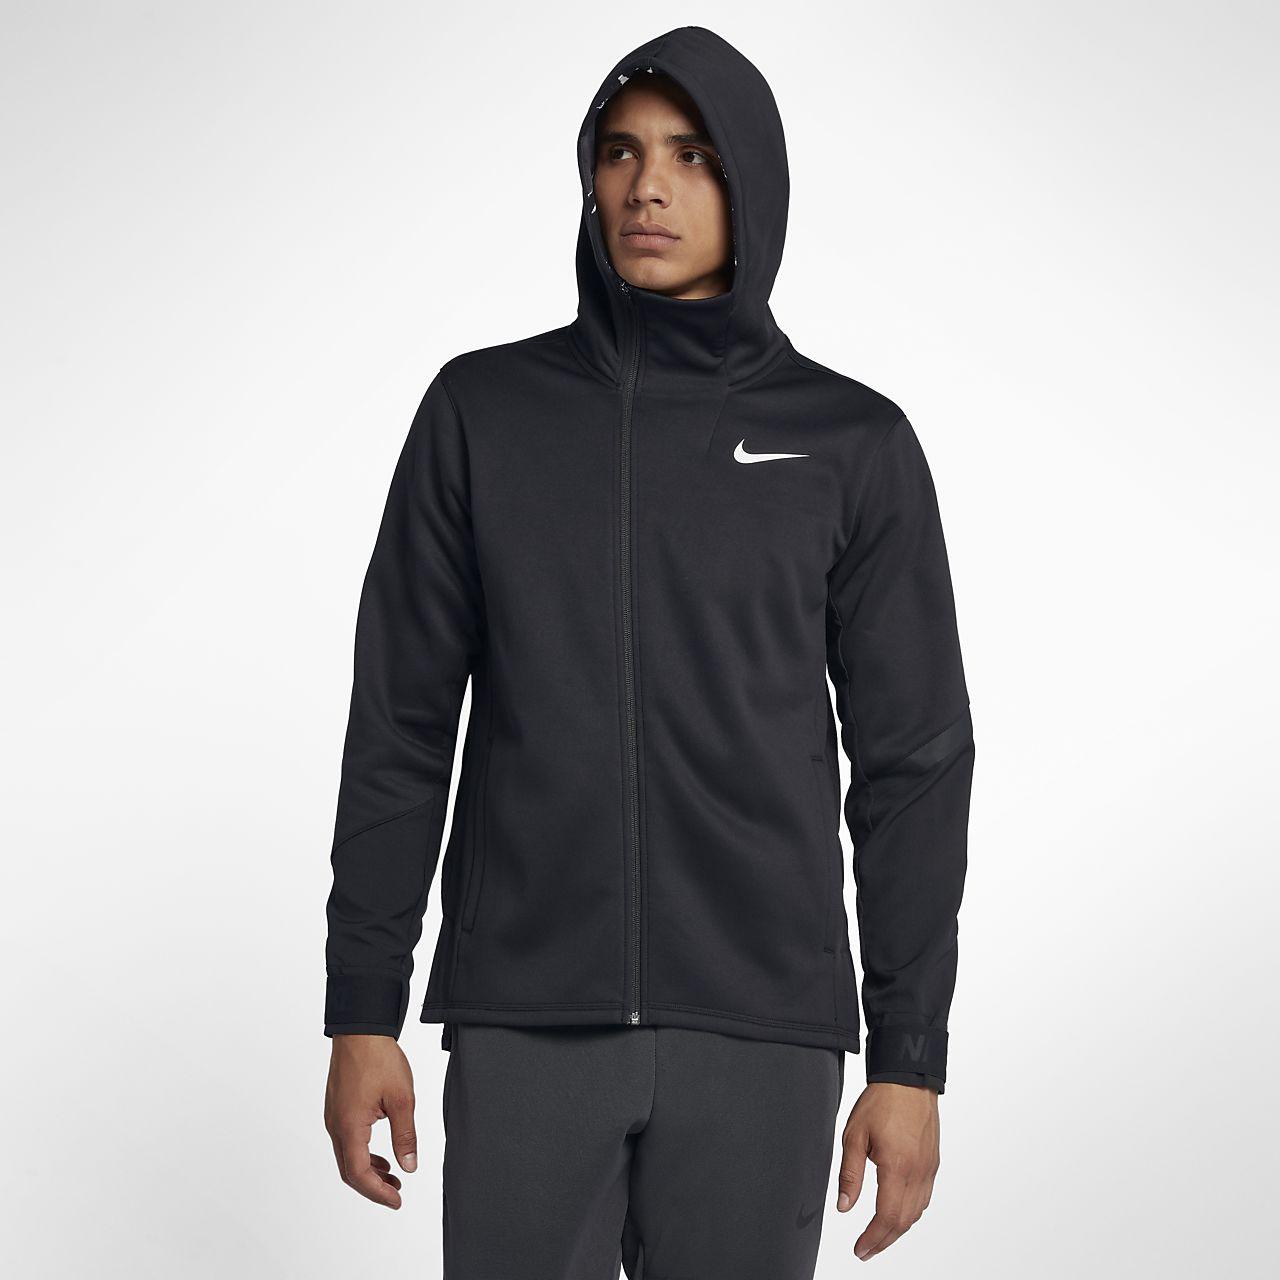 f430fab66e Pánská tréninková mikina s kapucí a dlouhým zipem Nike Therma. Nike ...